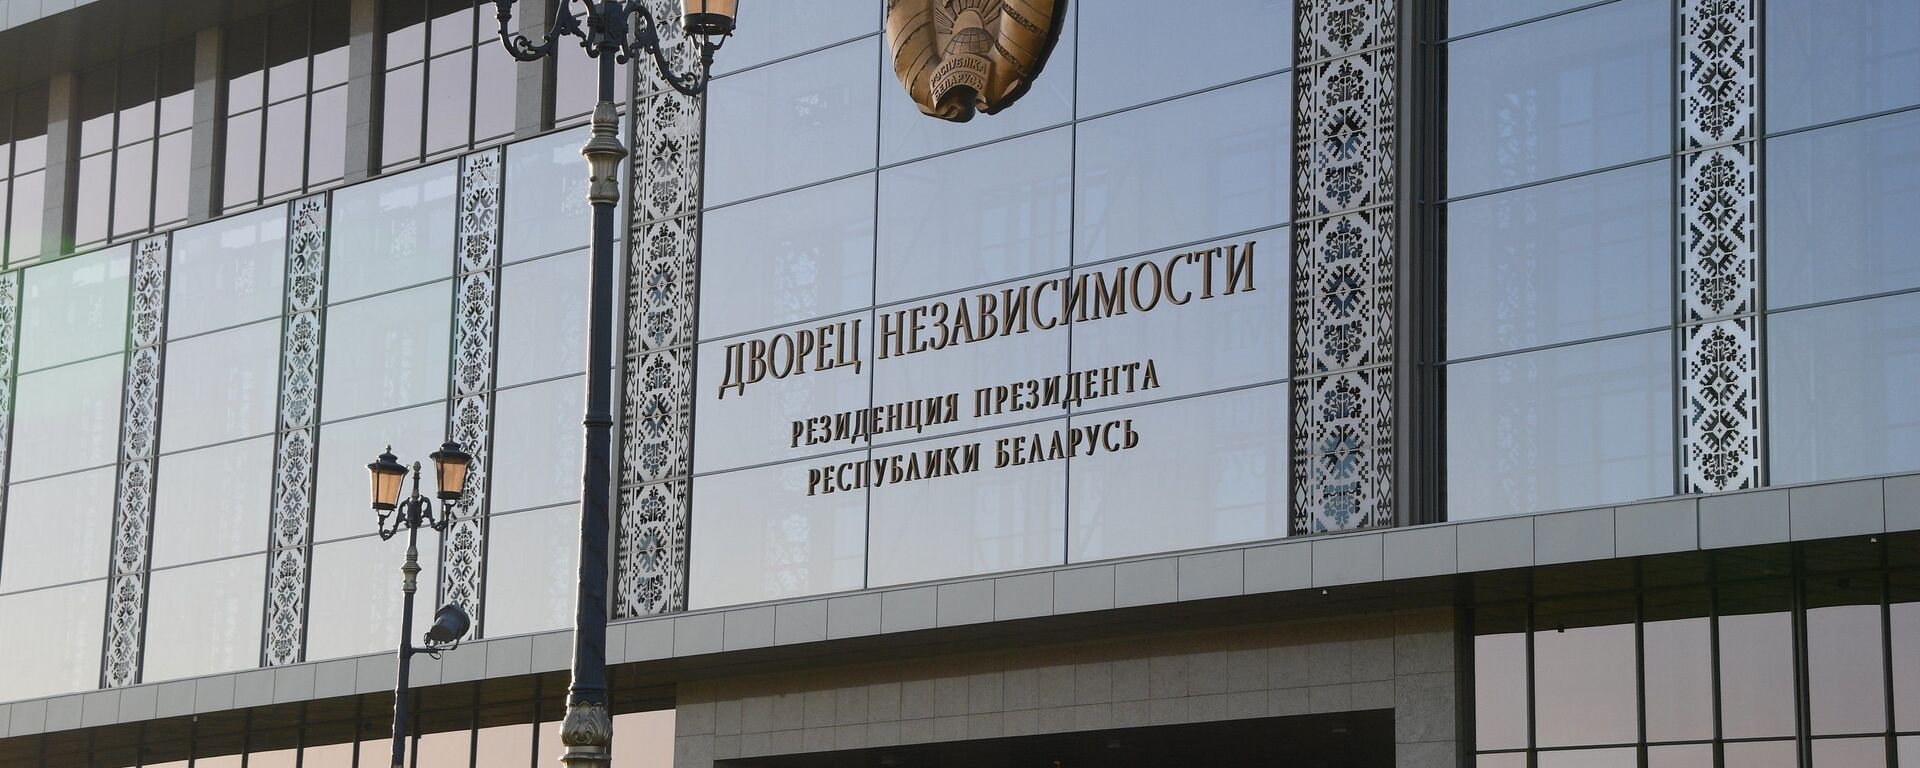 Палац Незалежнасці - Sputnik Беларусь, 1920, 25.02.2021